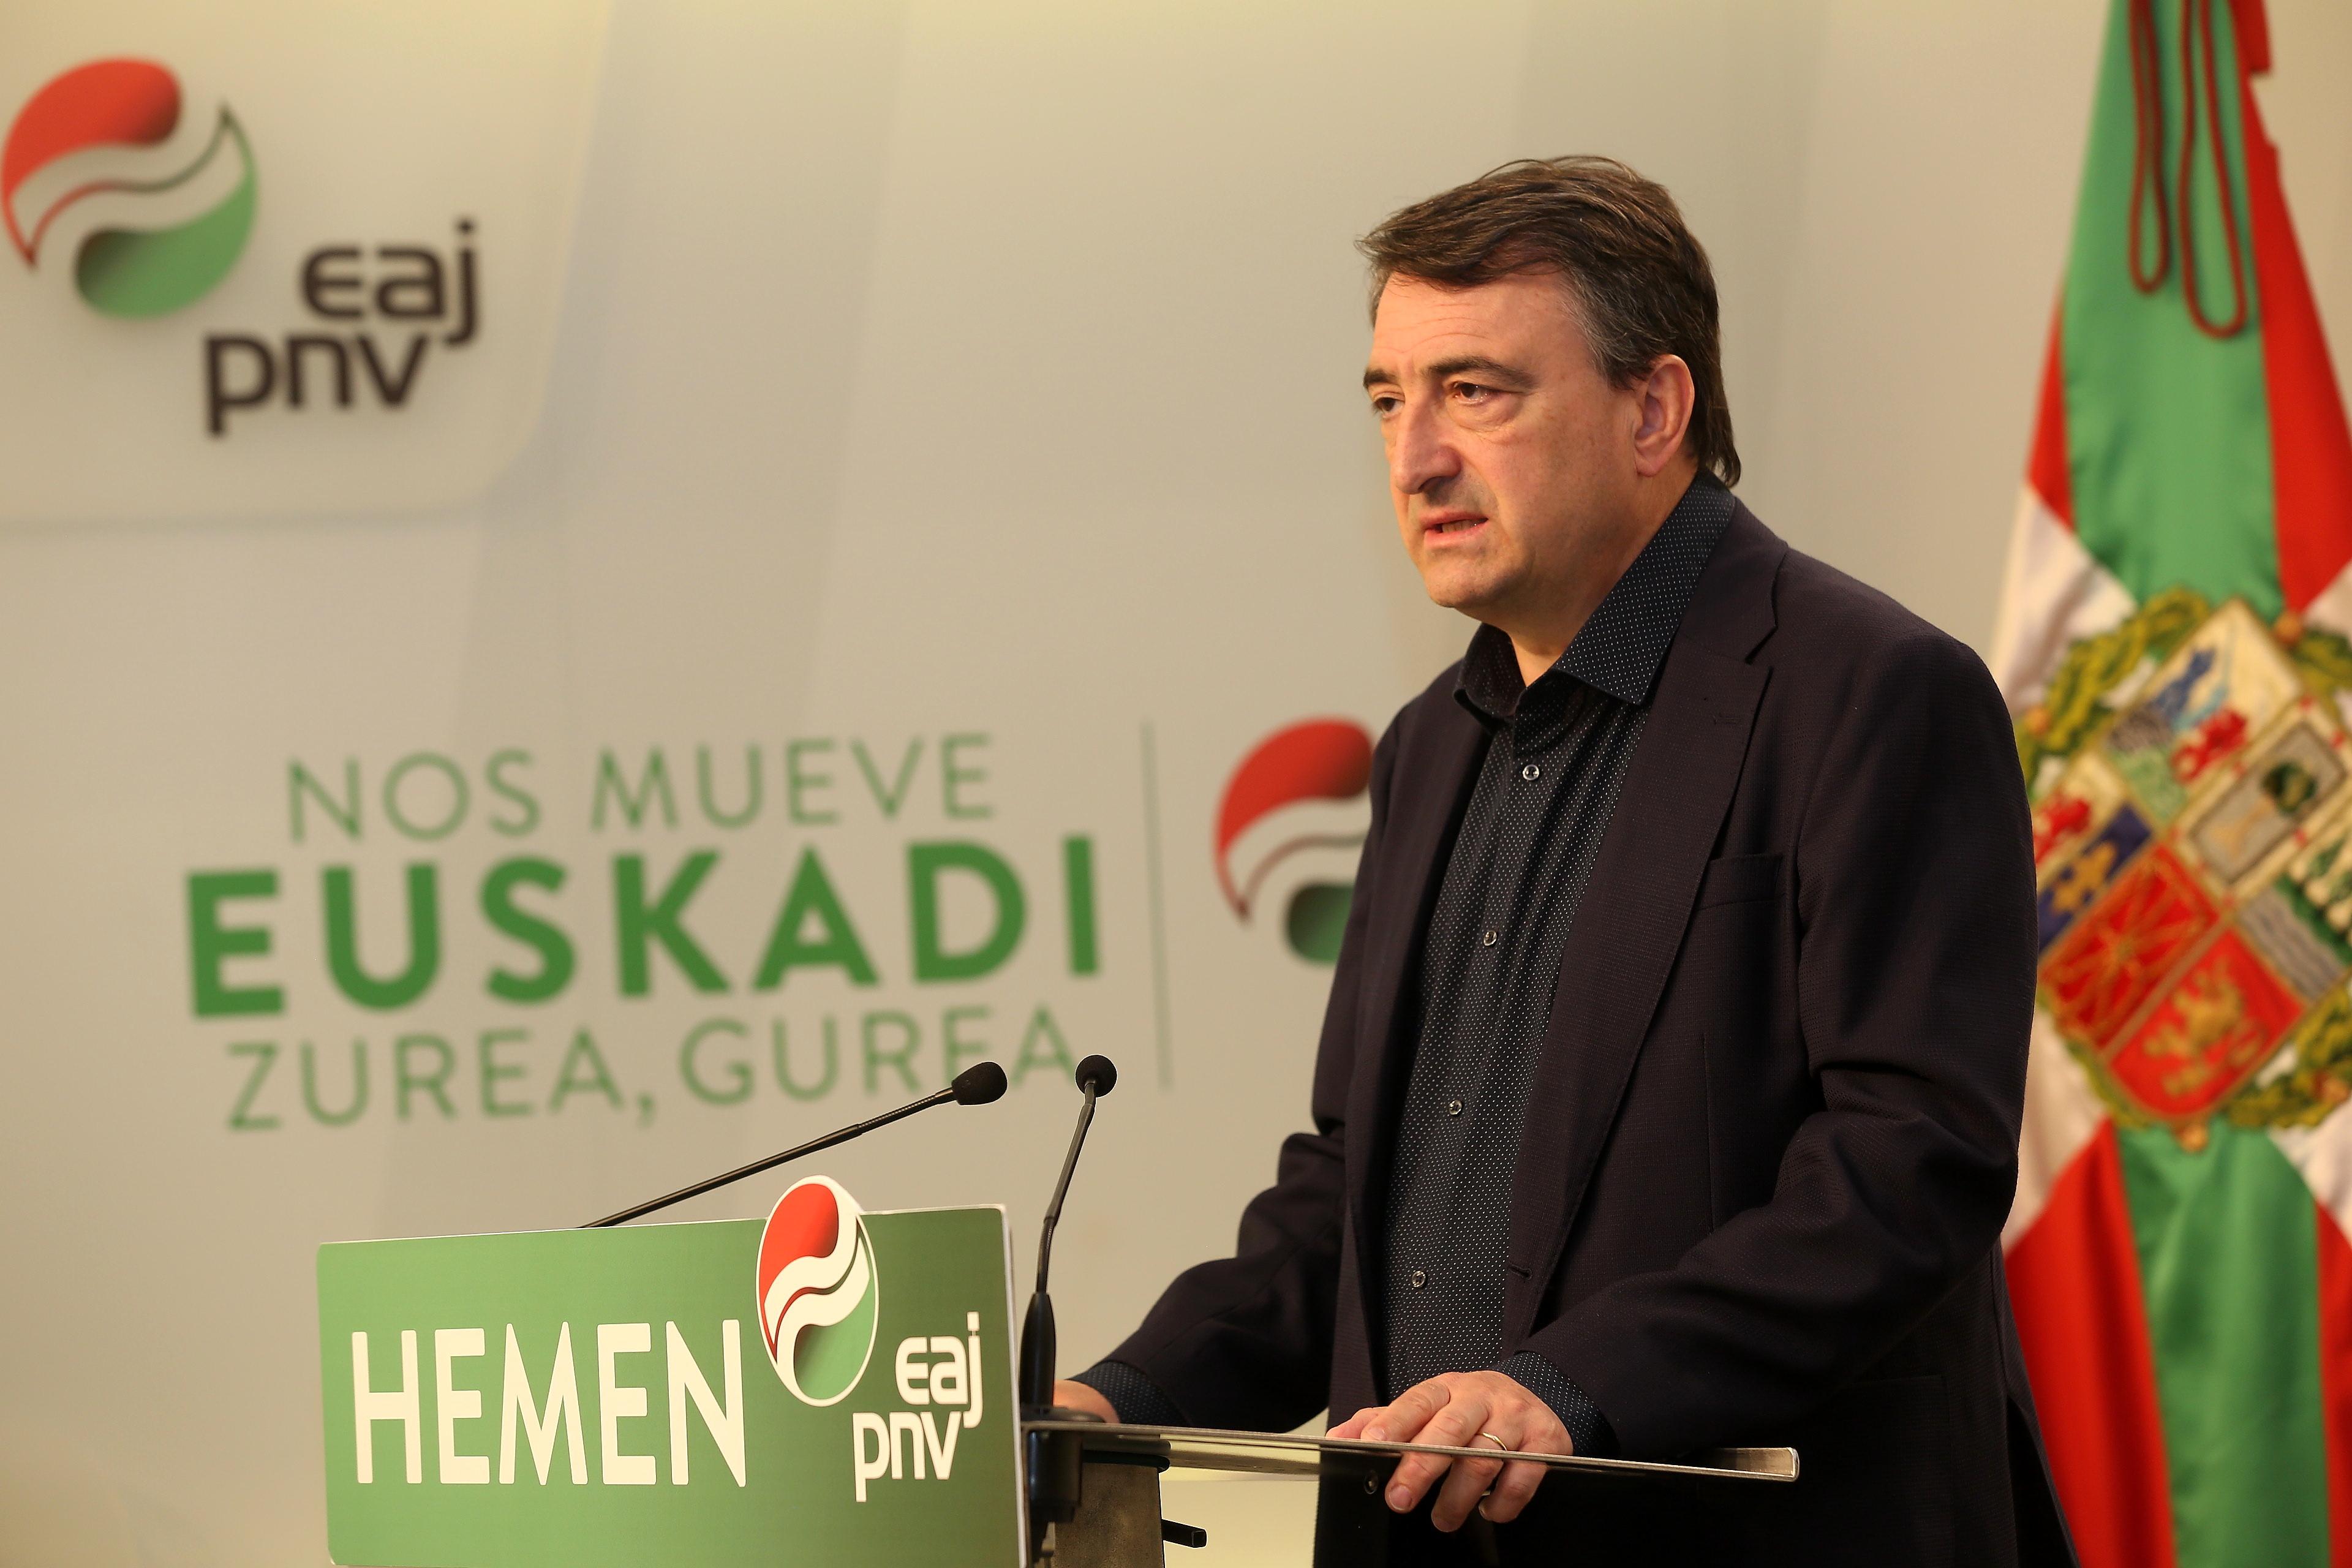 """Aitor Esteban, tras el debate a cuatro: """"Hoy por hoy, el peligro real para el electorado vasco es la posible coalición entre PSOE y Ciudadanos"""""""